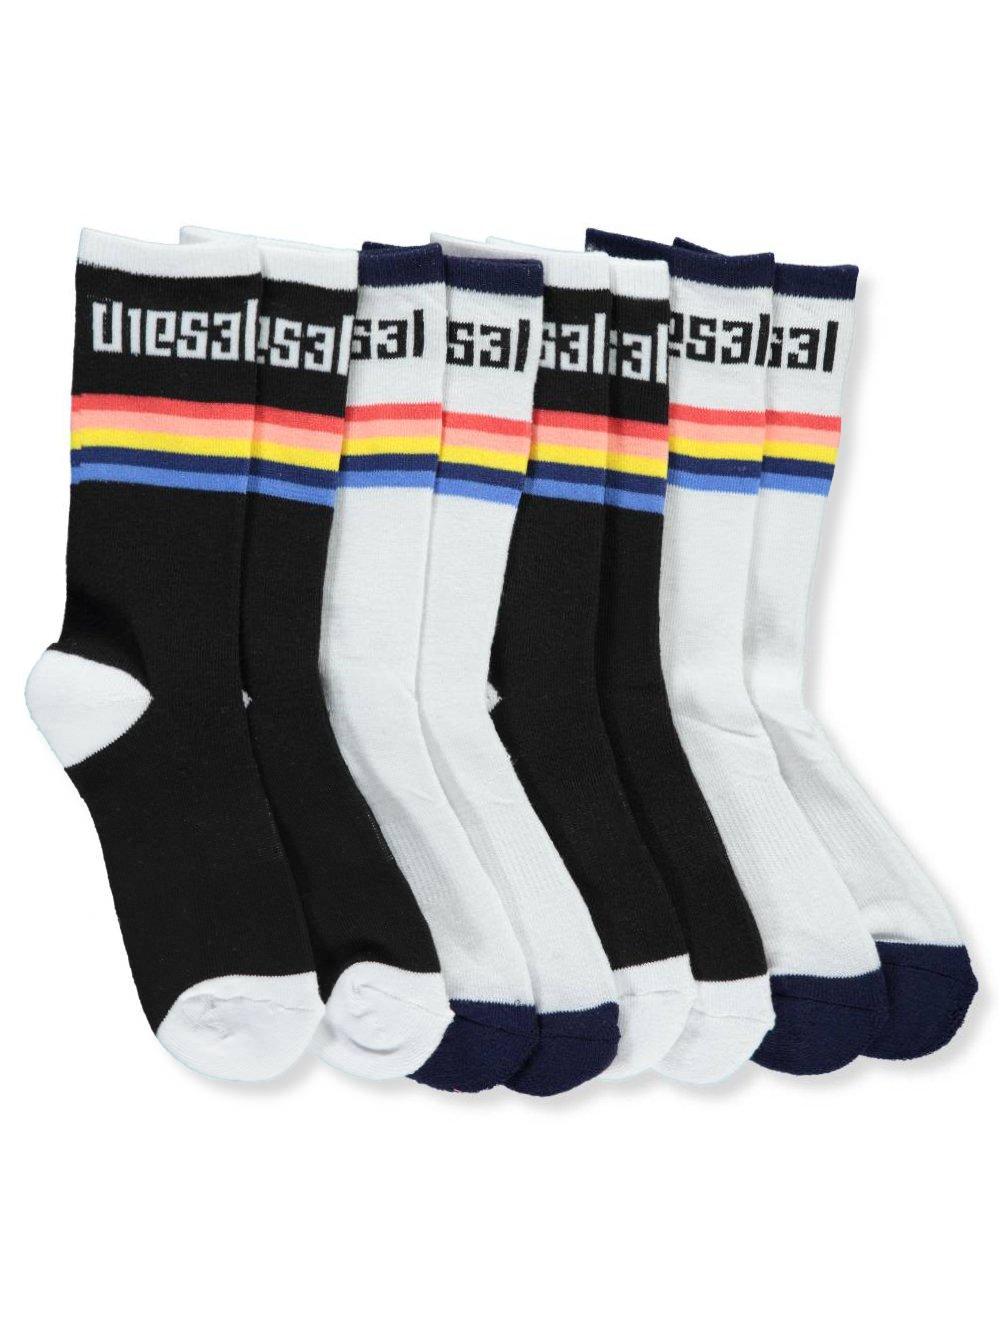 Diesel Boys' 4-Pack Crew Socks 7-8.5/3-7 years